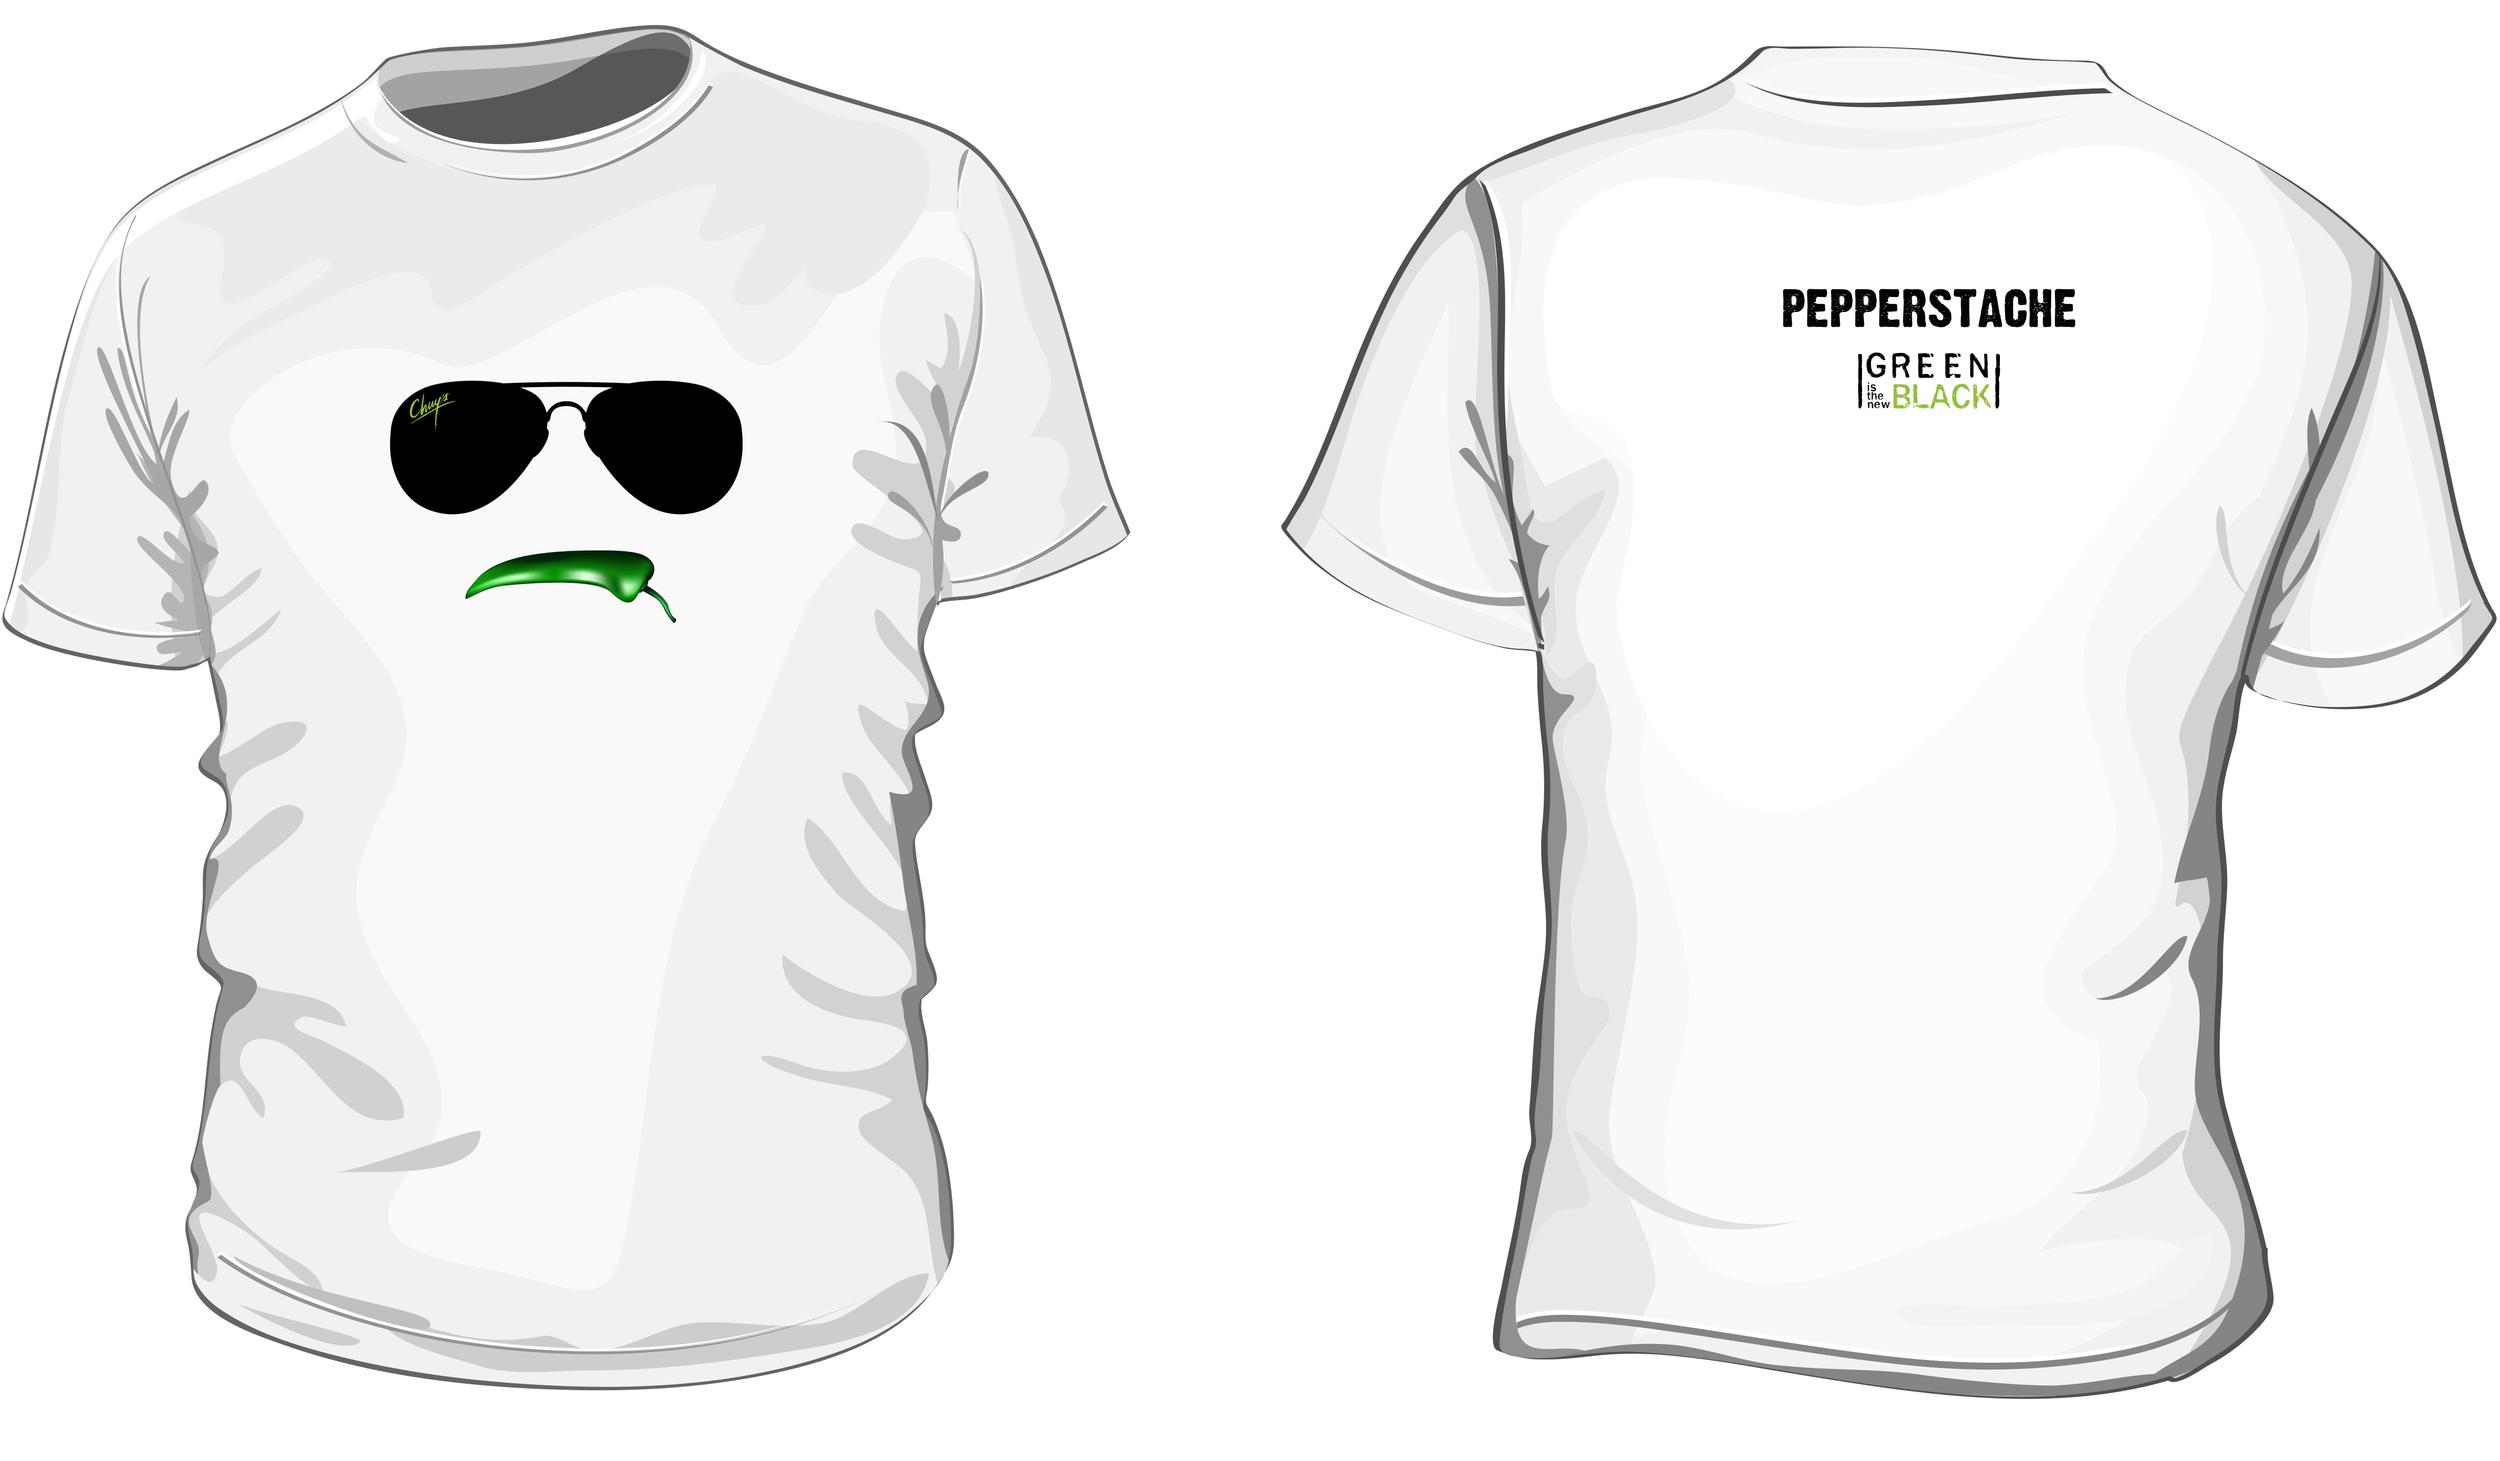 13-CHUYS-10997-GreenistheNewBlack-T-Shirt-LR-1.jpg